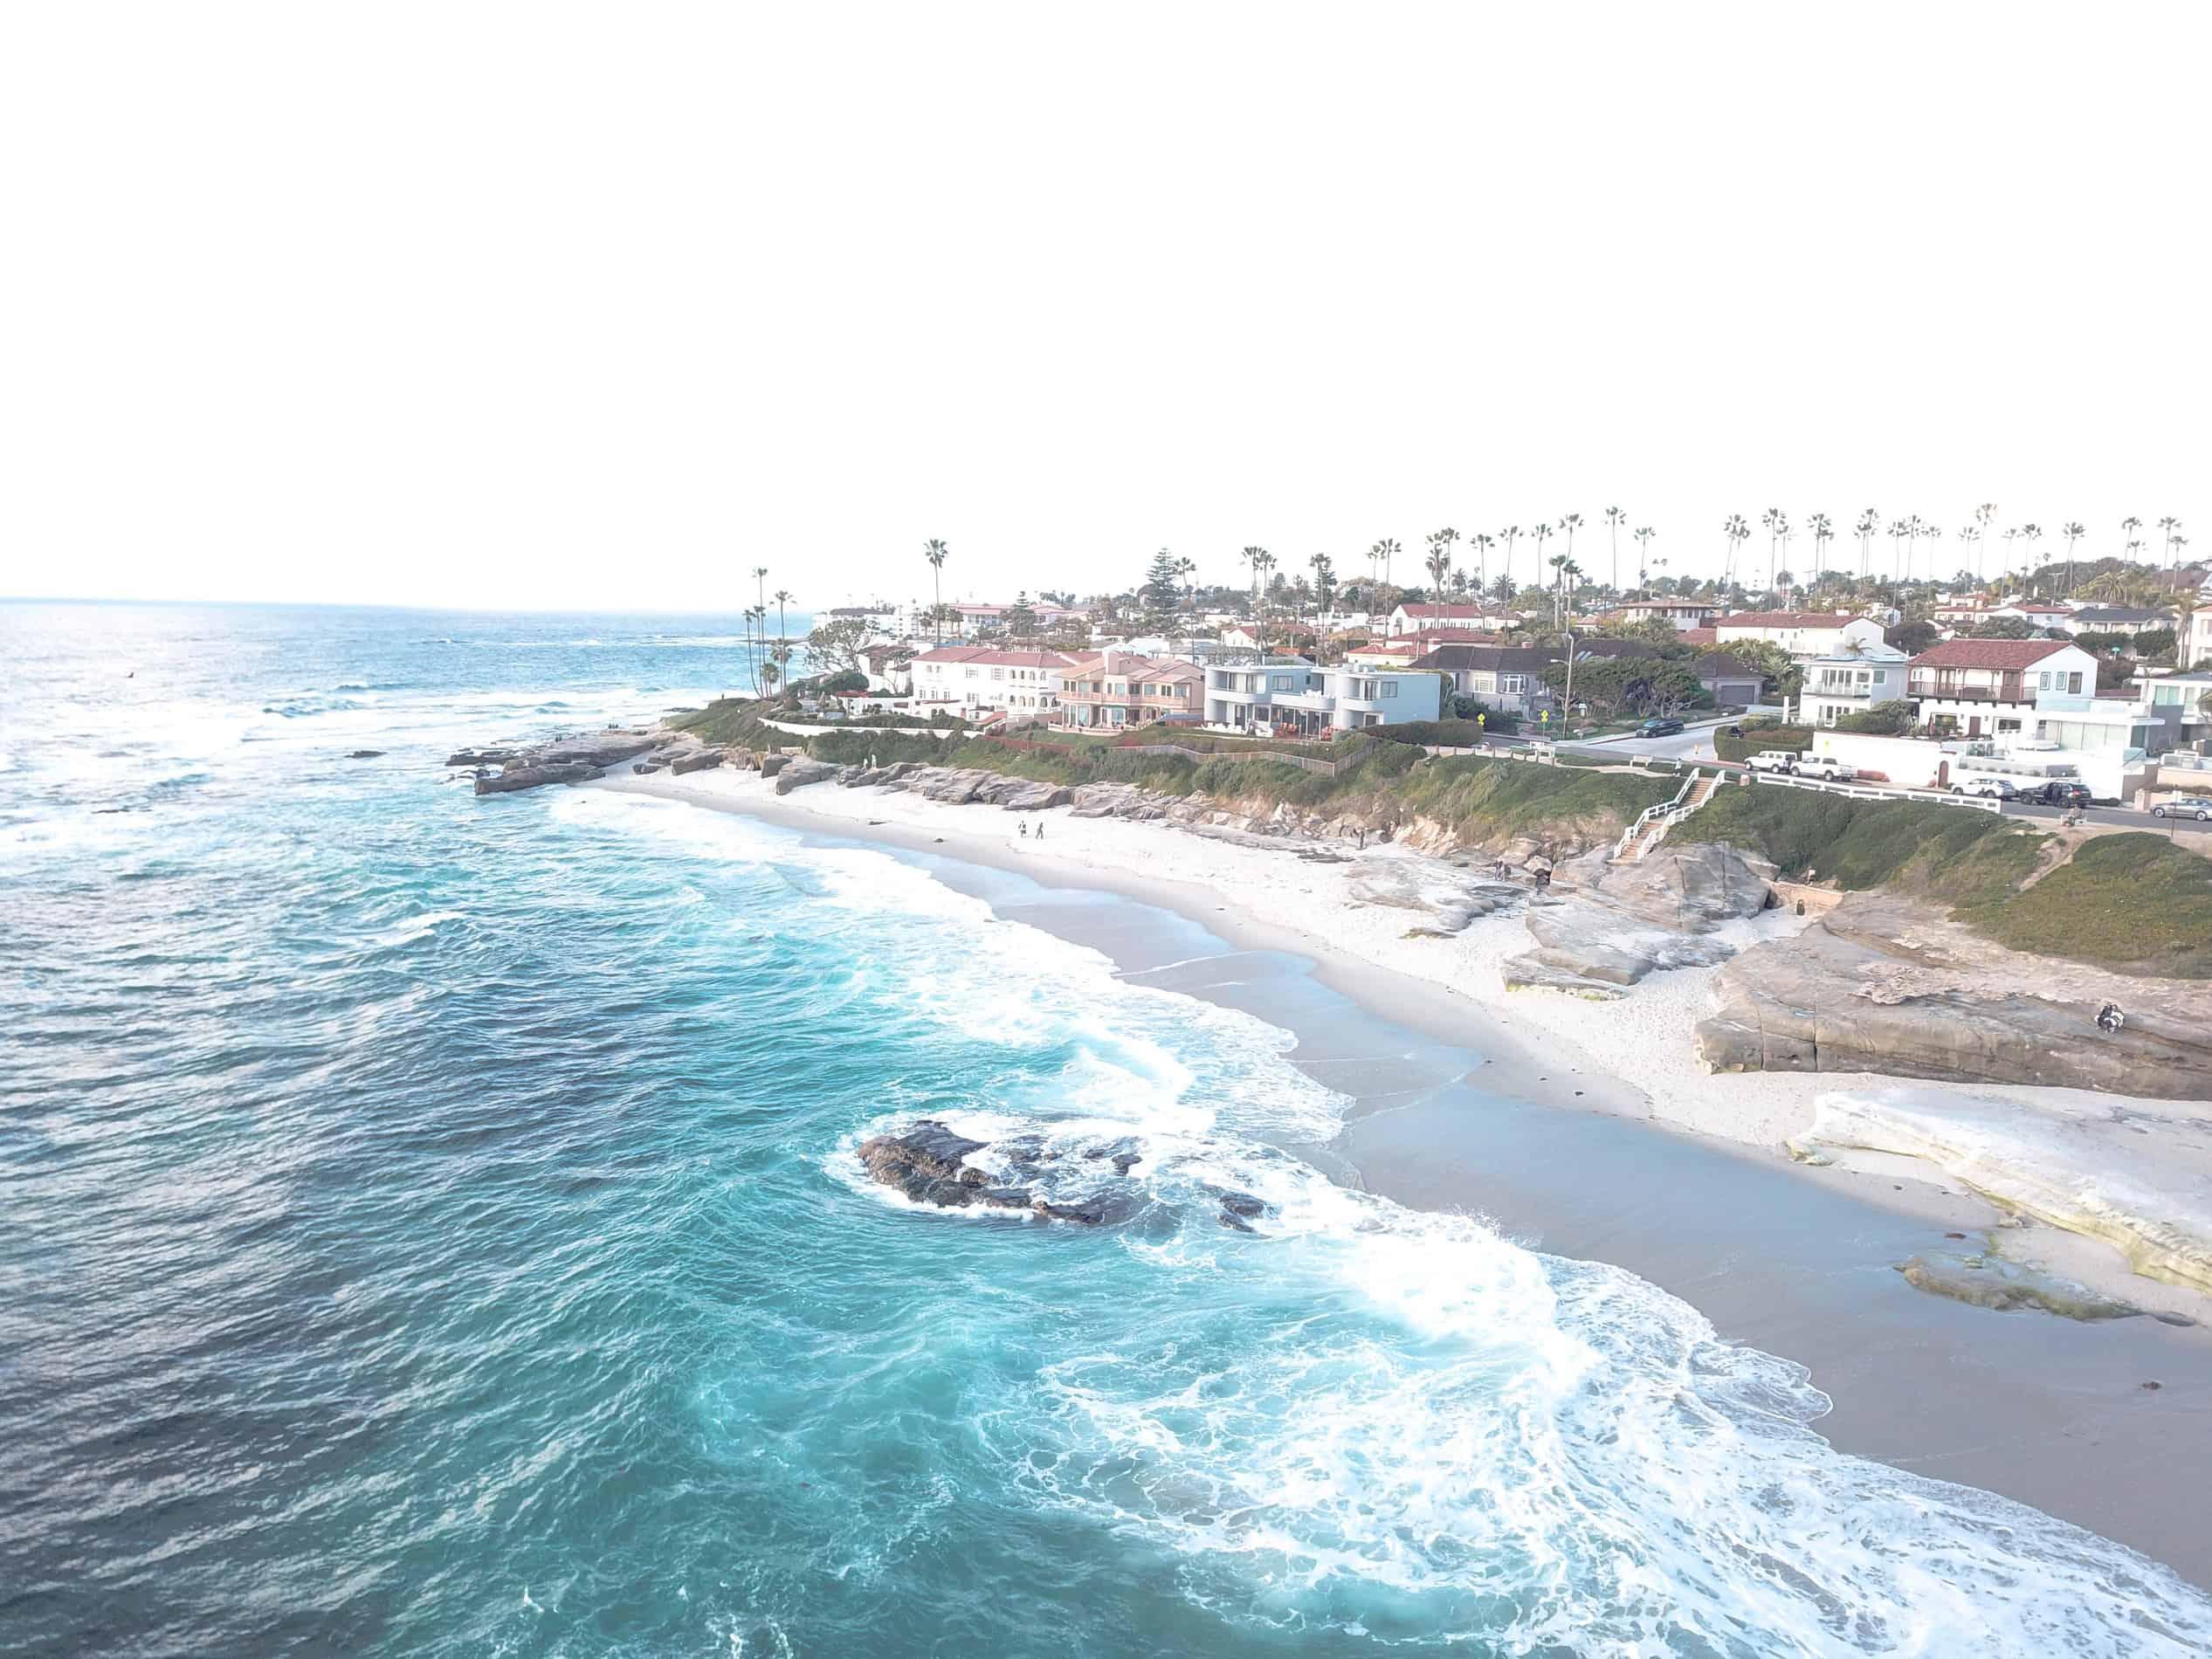 La Jolla California drone shot